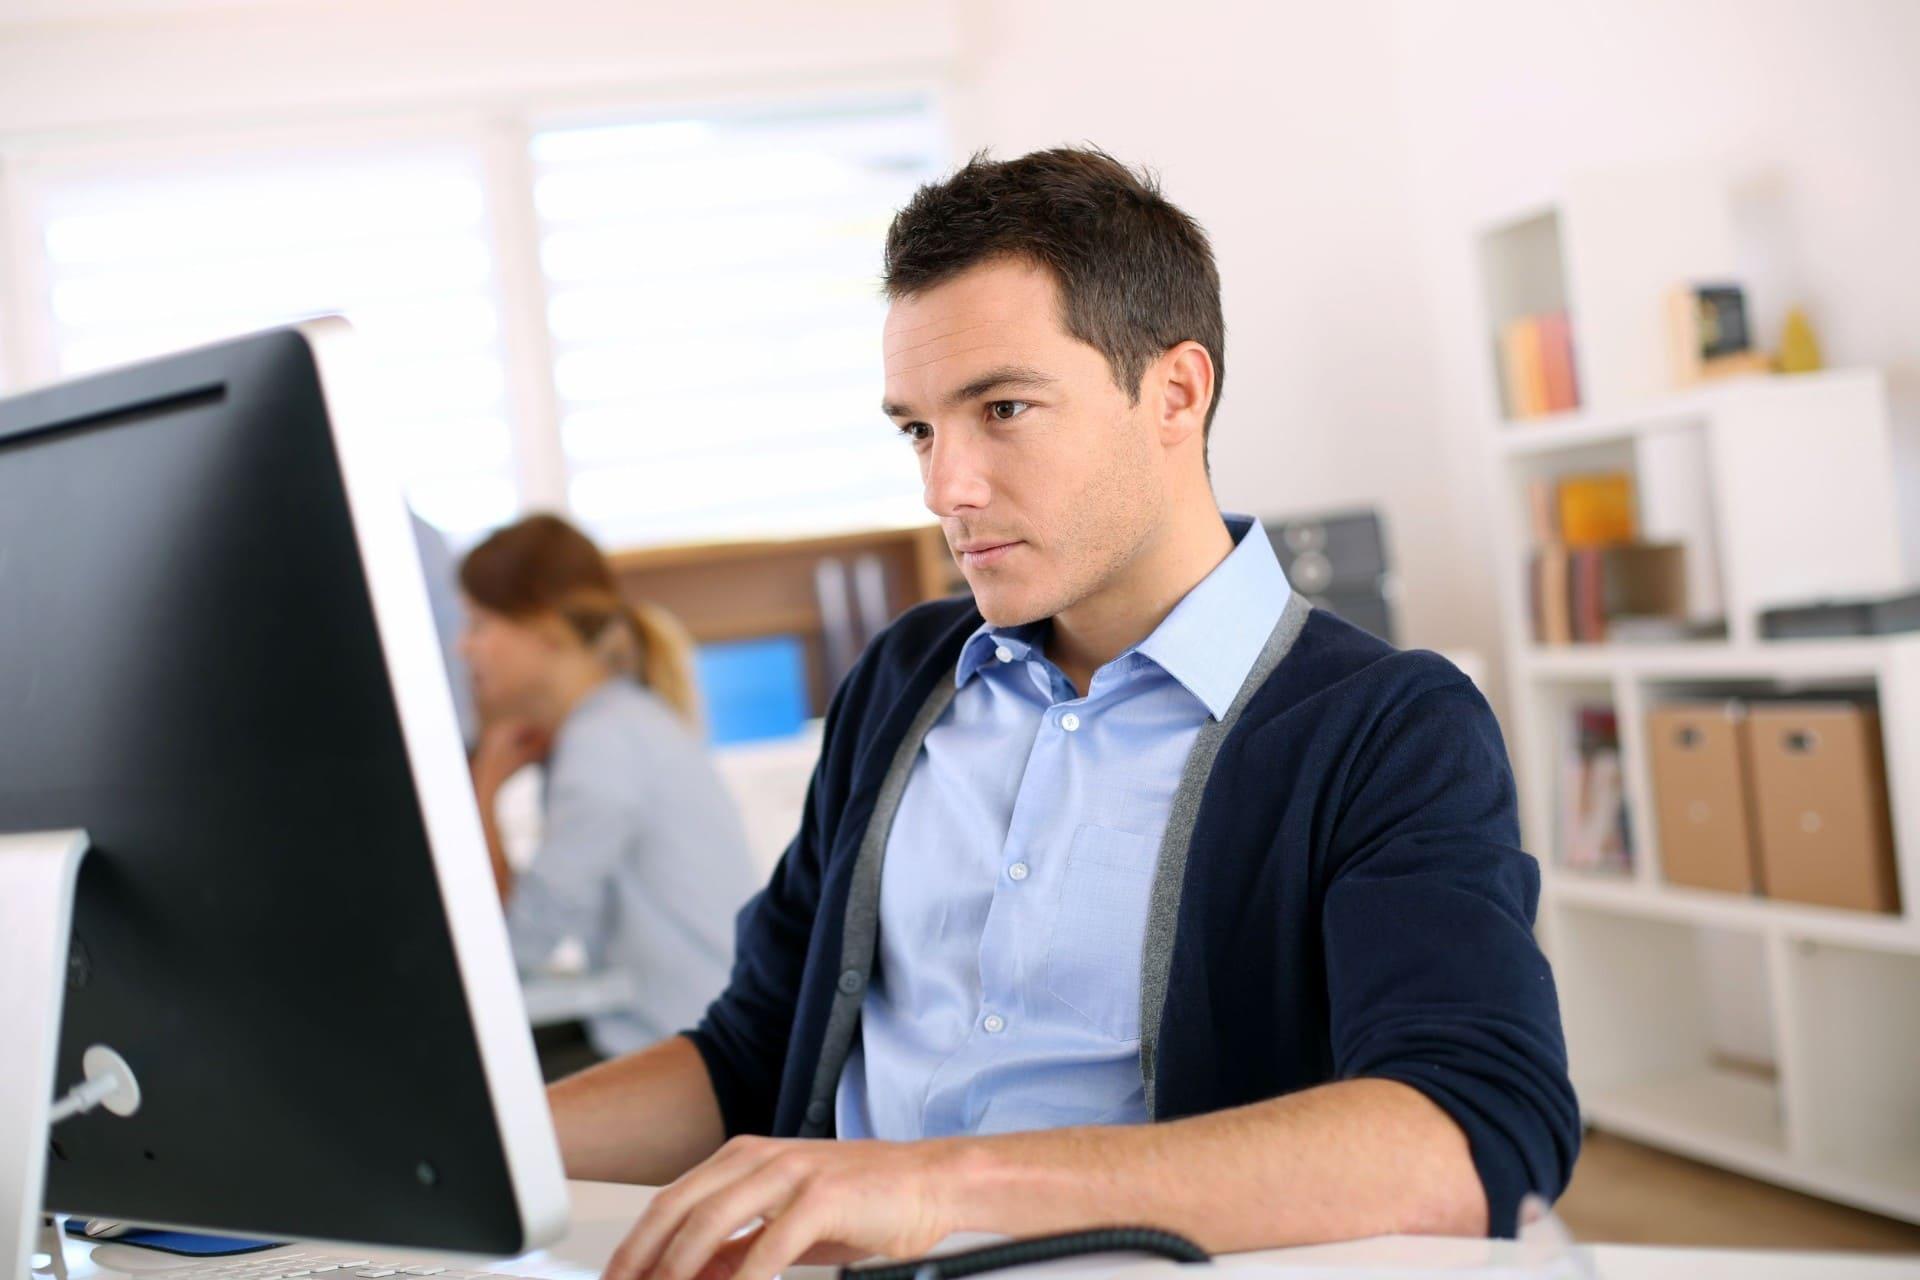 Account werkt met accounting software accountants Twinfield